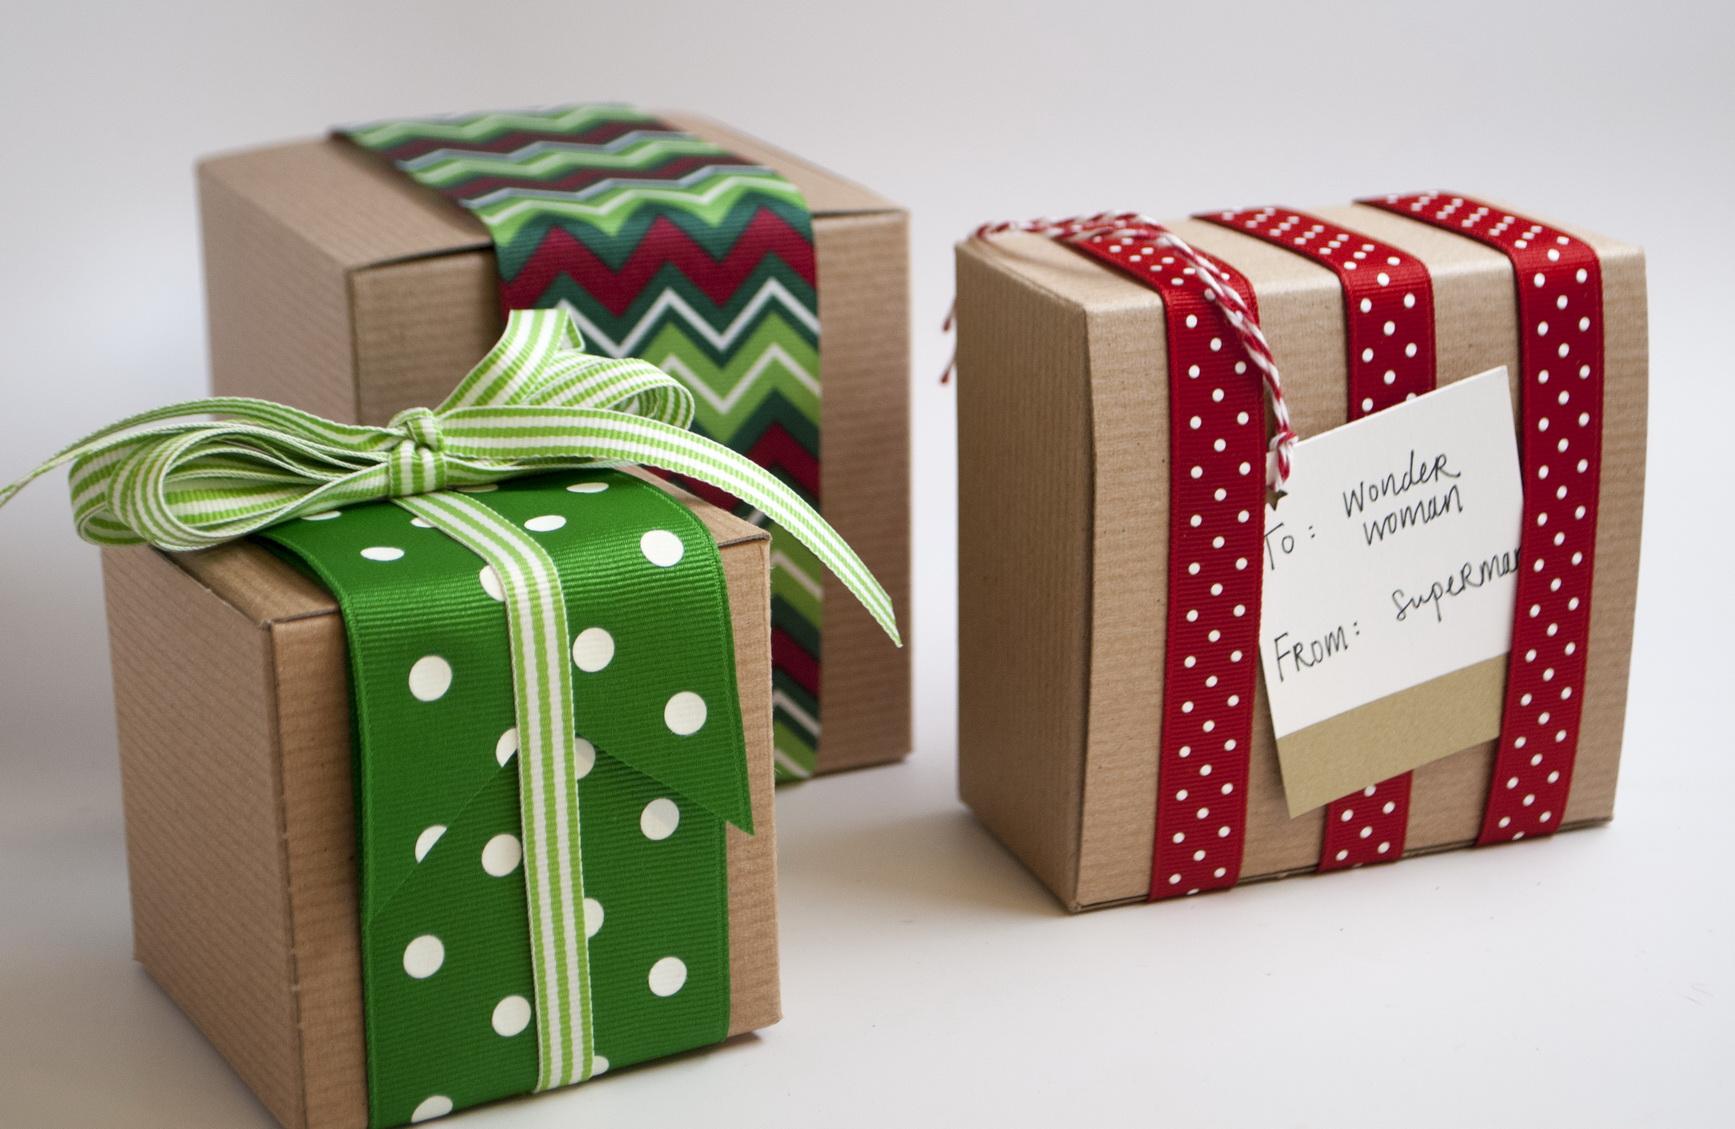 بالفيديو والصور...اتعلمي تغليف الهدايا من المنزل